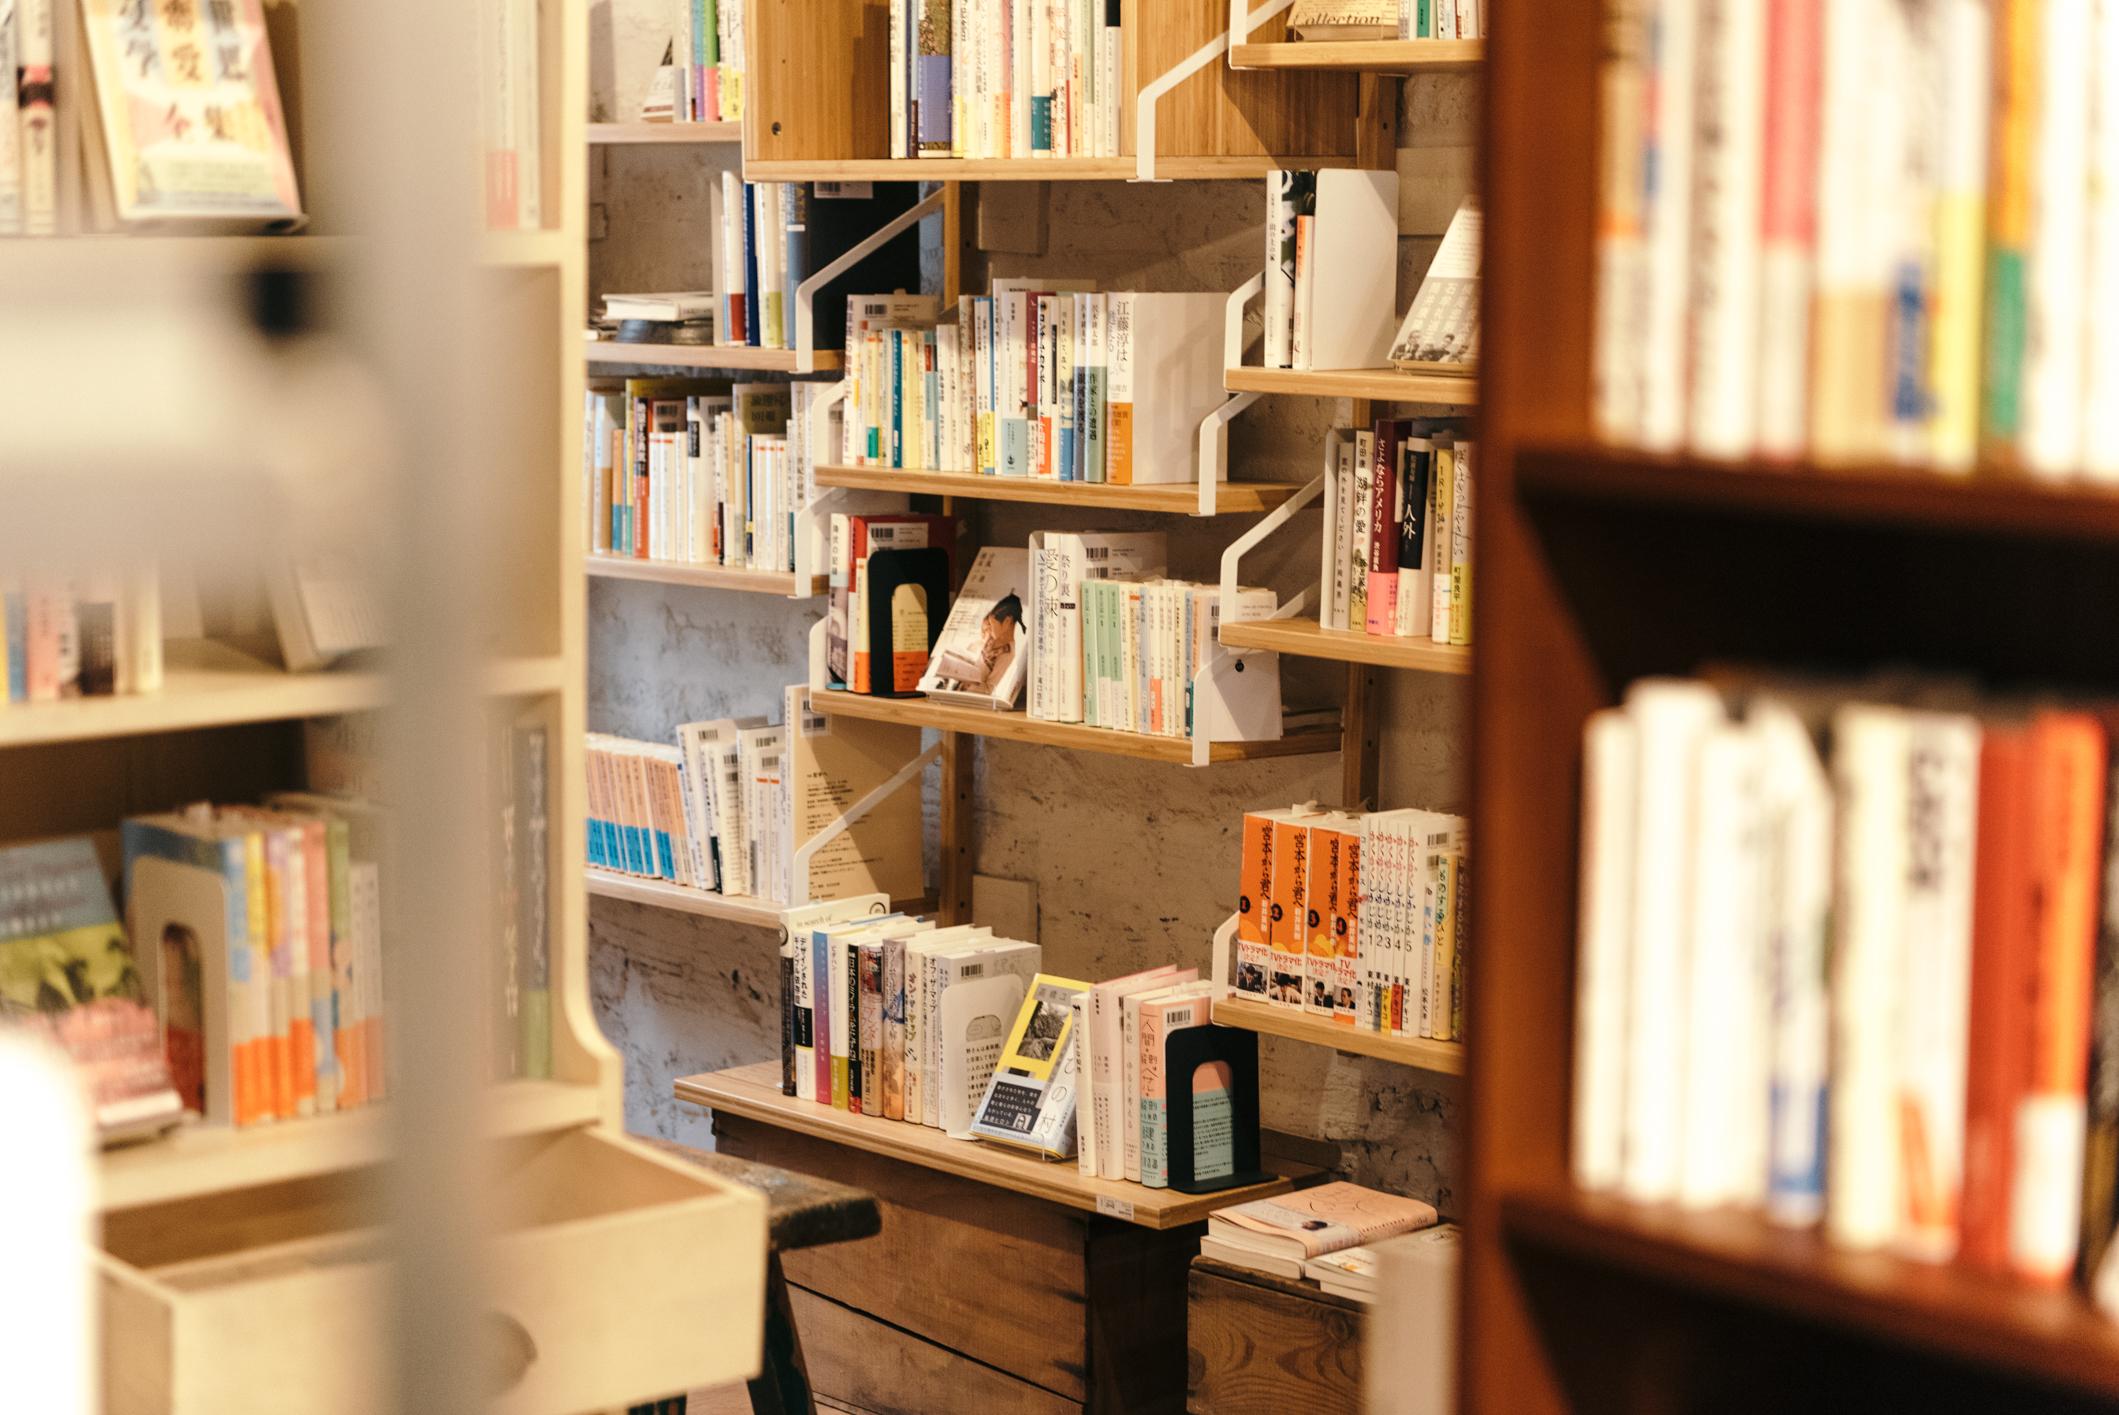 板橋区ときわ台の書店「本屋イトマイ」の店内